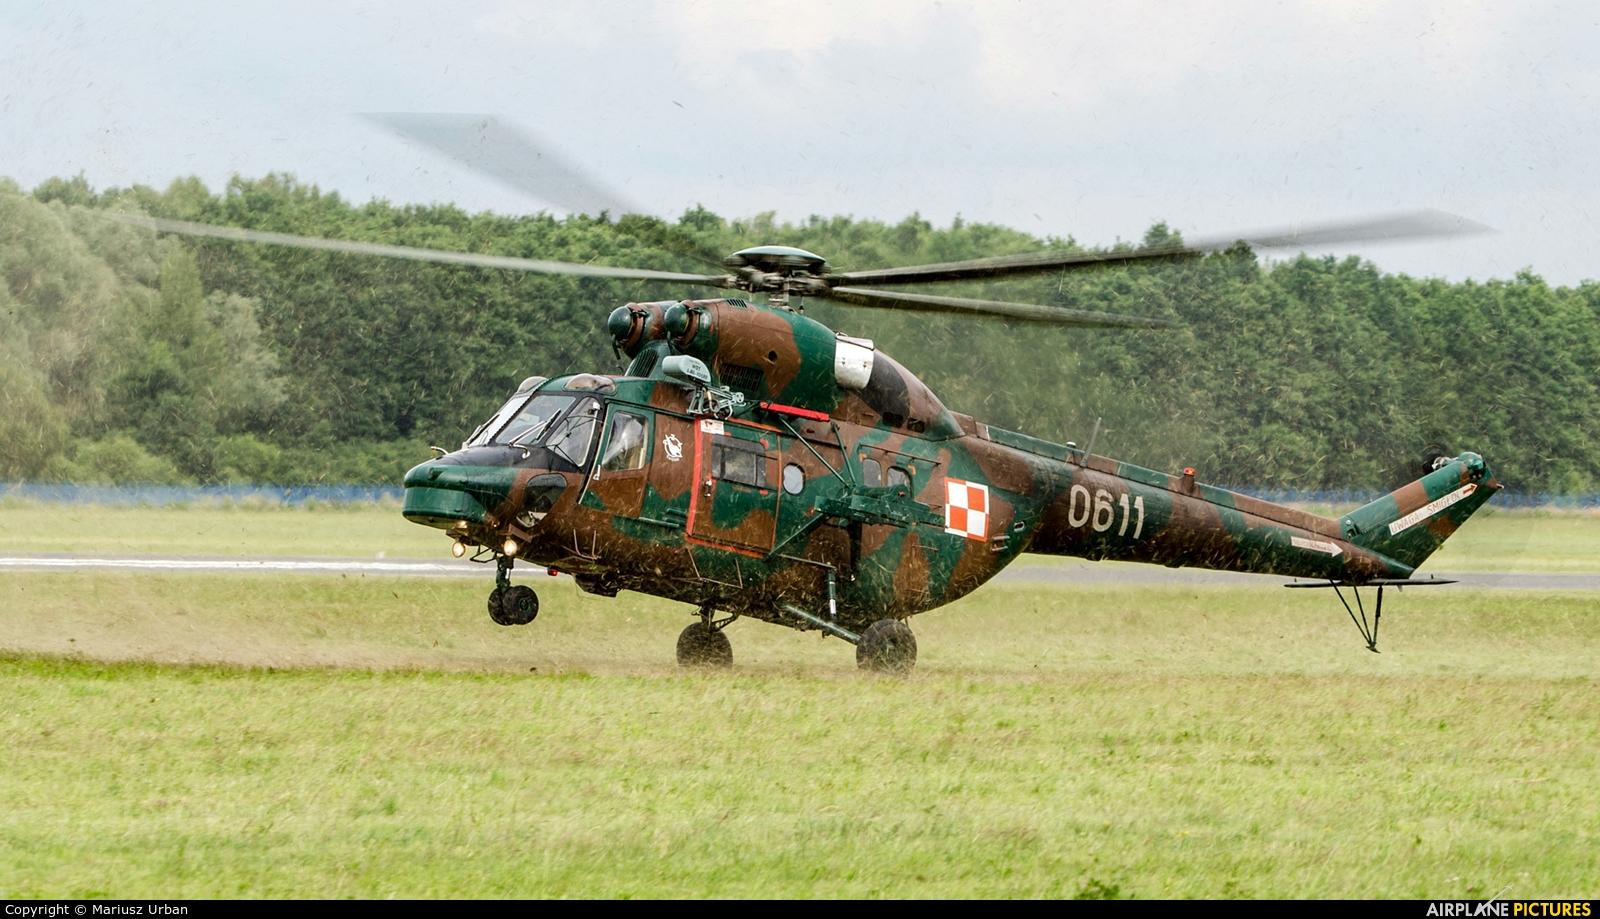 Poland - Army 0611 aircraft at Dęblin